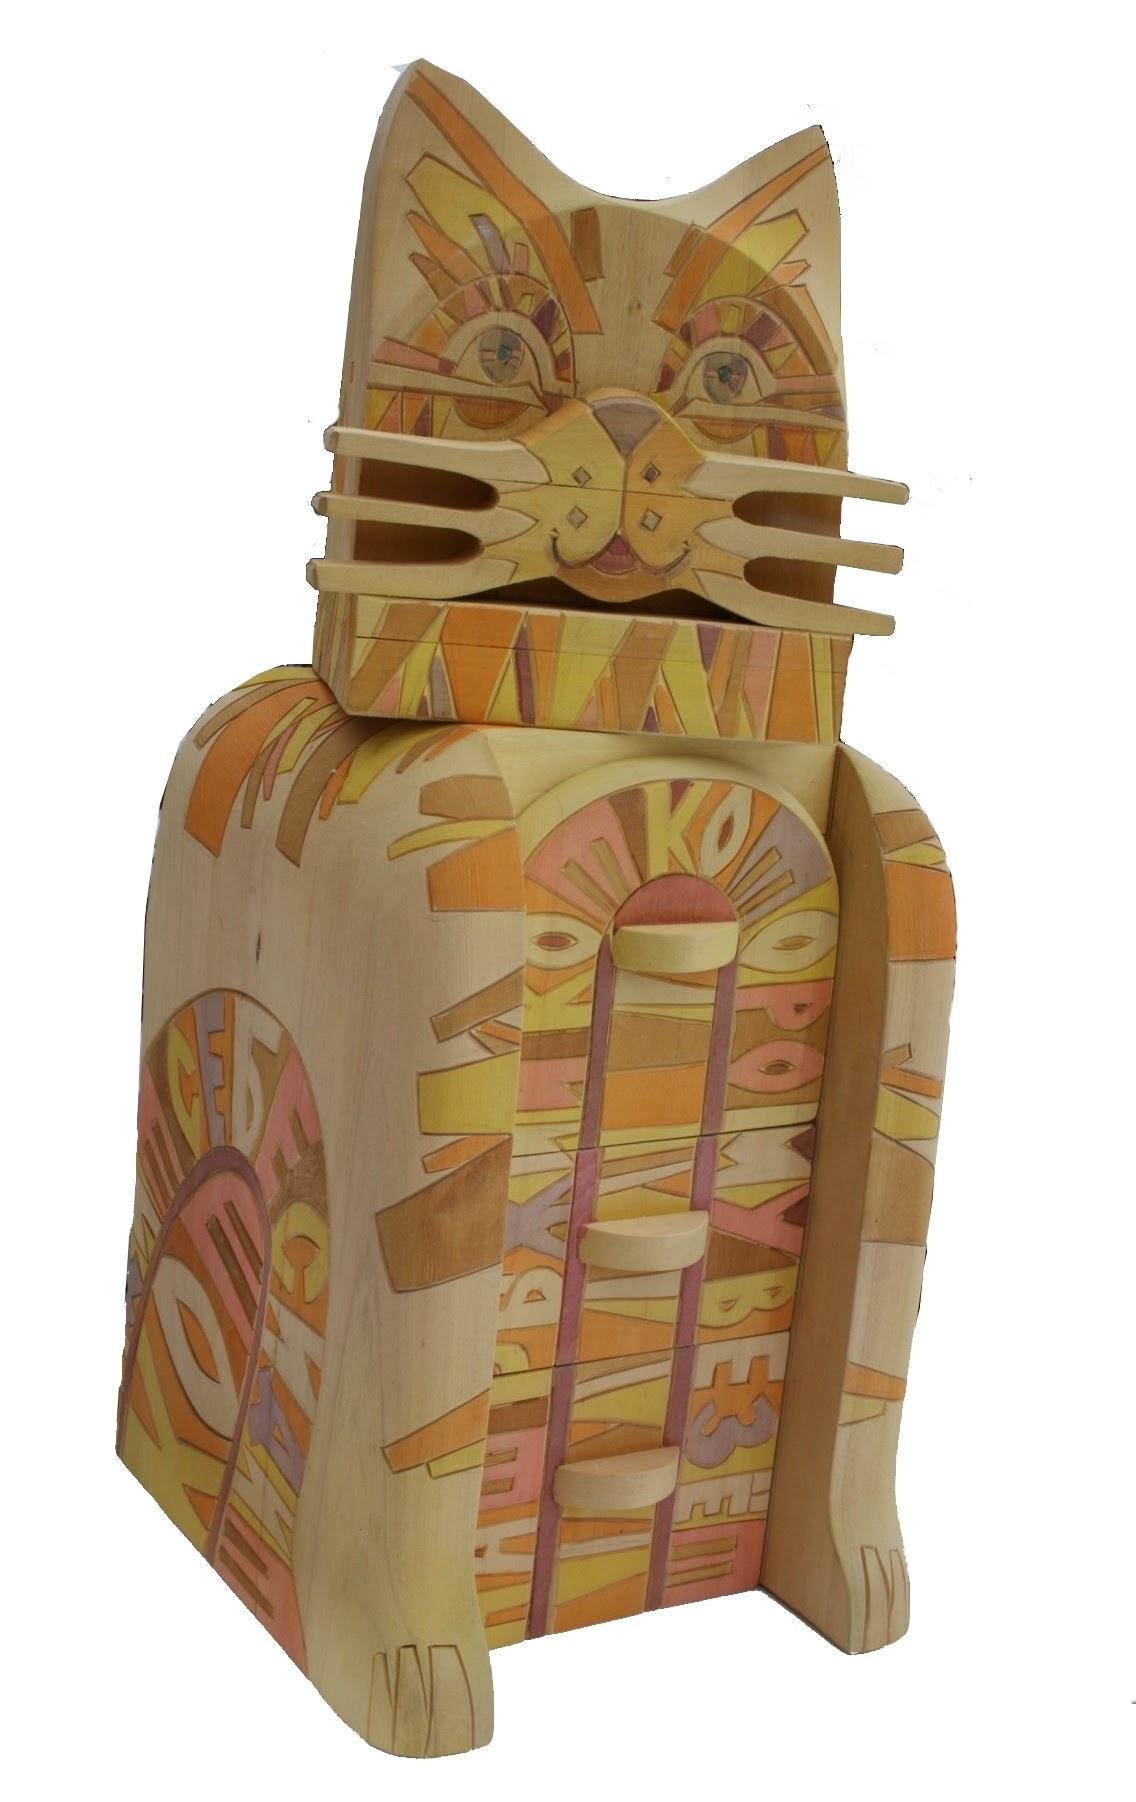 Каталог Ремесел, город Таруса, художник скульптор Пилипенко Сергей, скульптура (дерево/тонировка), Наш рыжий кот которому везет - комодик